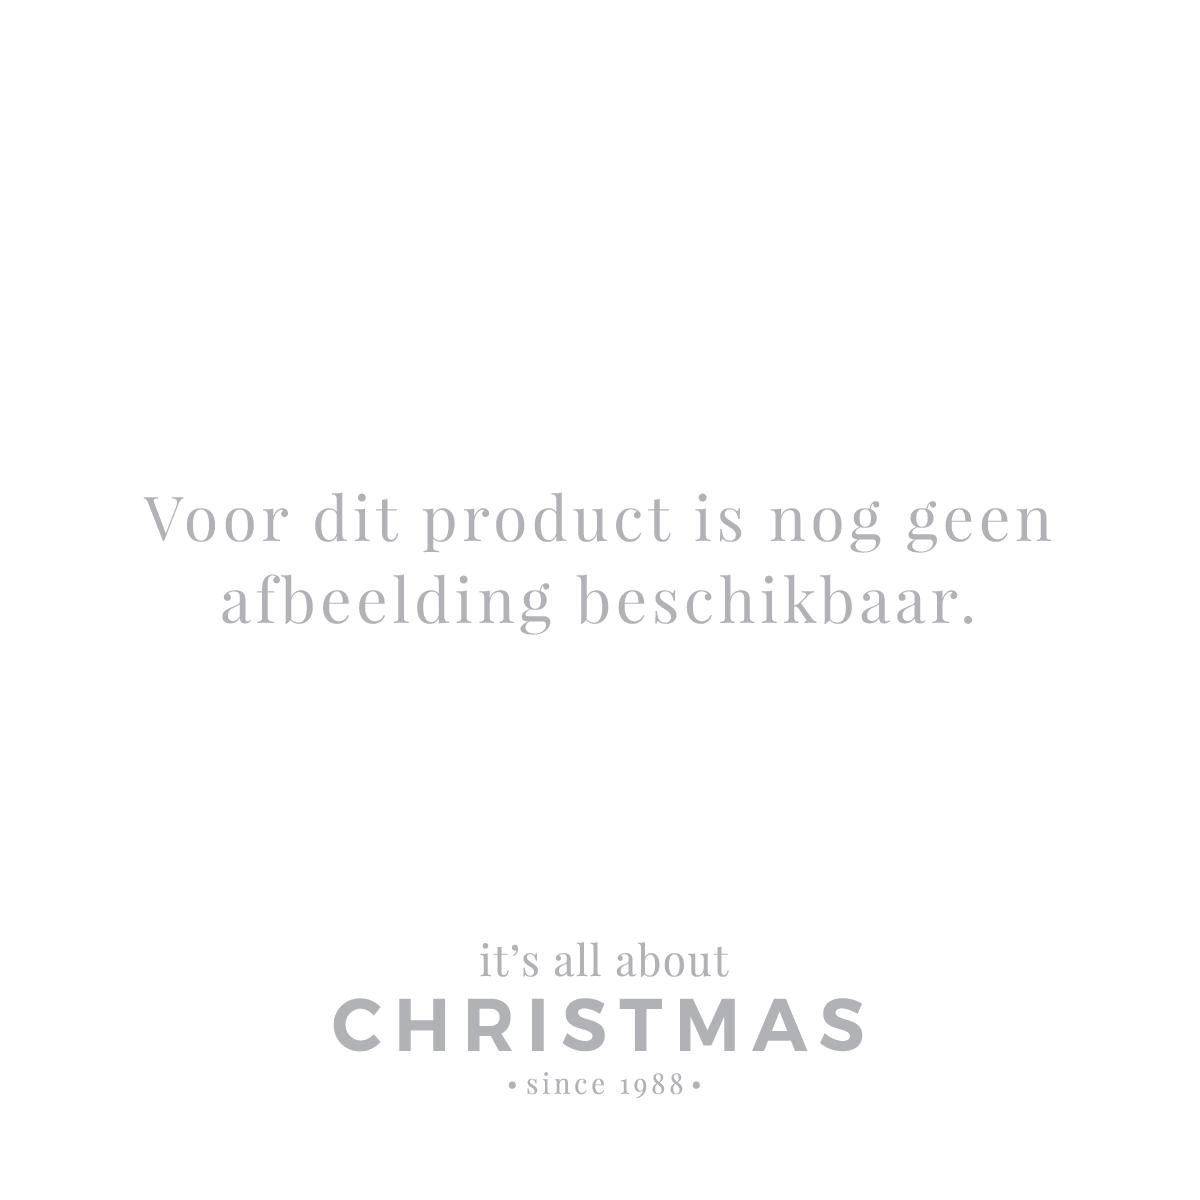 Sterne Für Weihnachtsbaum.Holz Weihnachtsbaum Aus Sternen 50 Cm It S All About Christmas